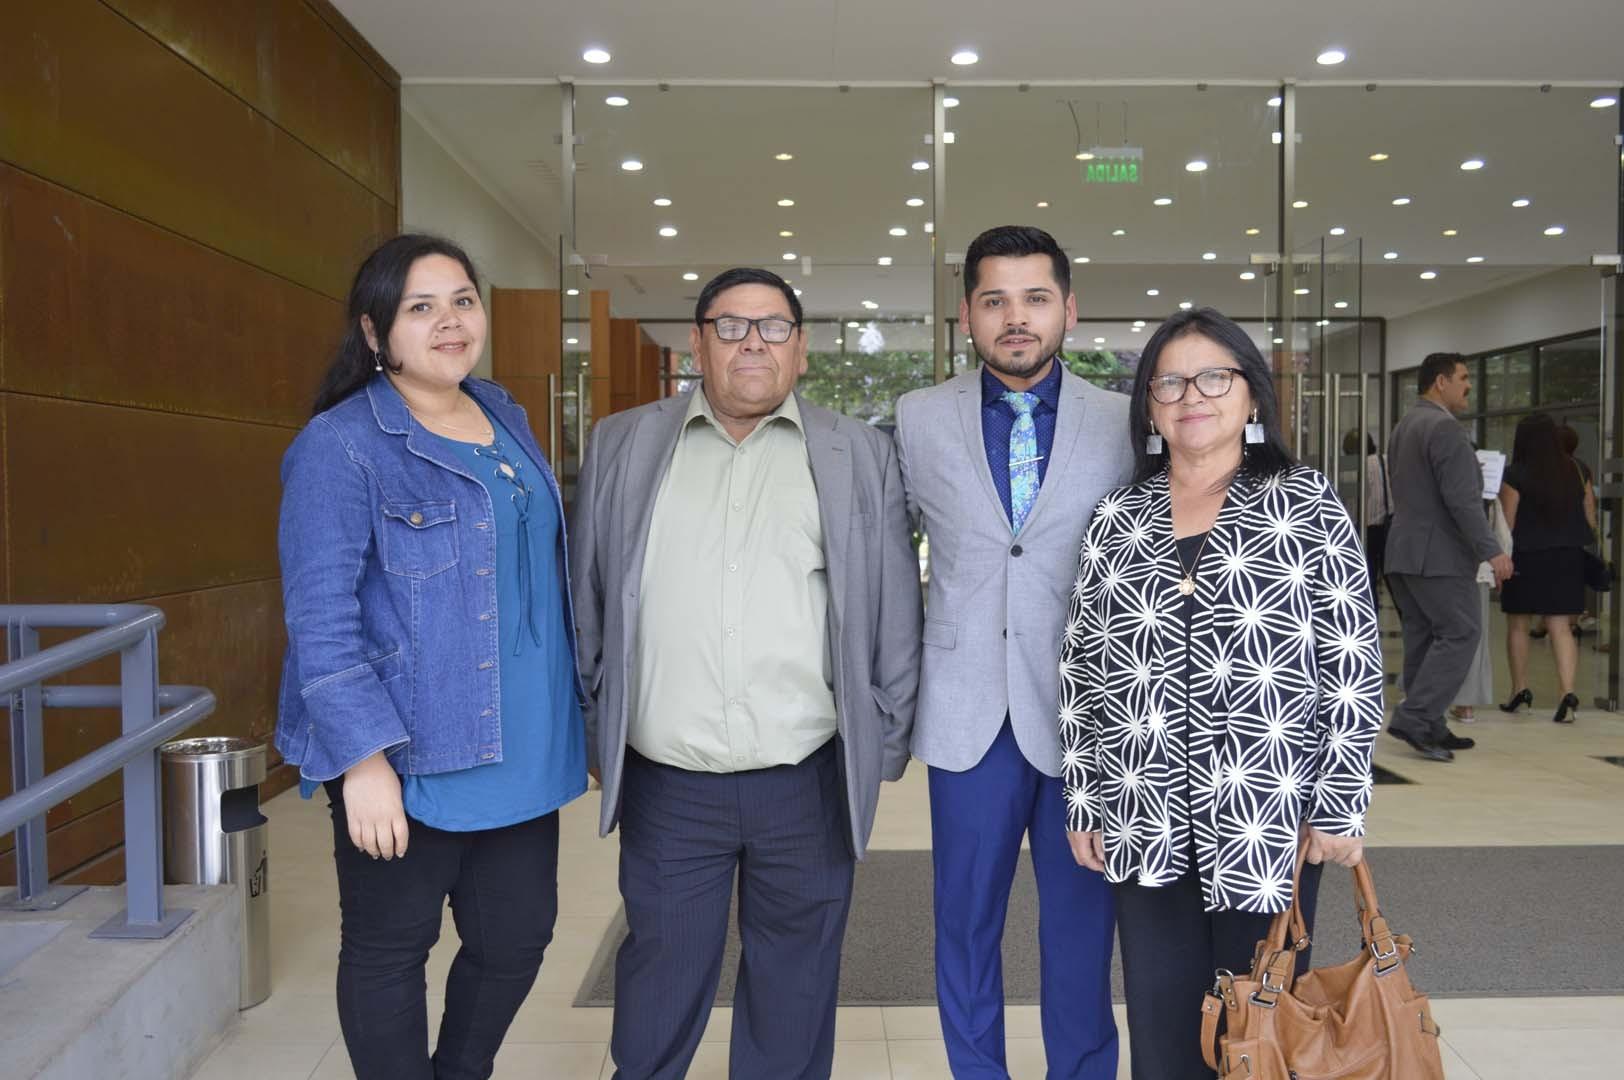 Alicia Mora, Héctor Mora, José Mora y Marta Avilés